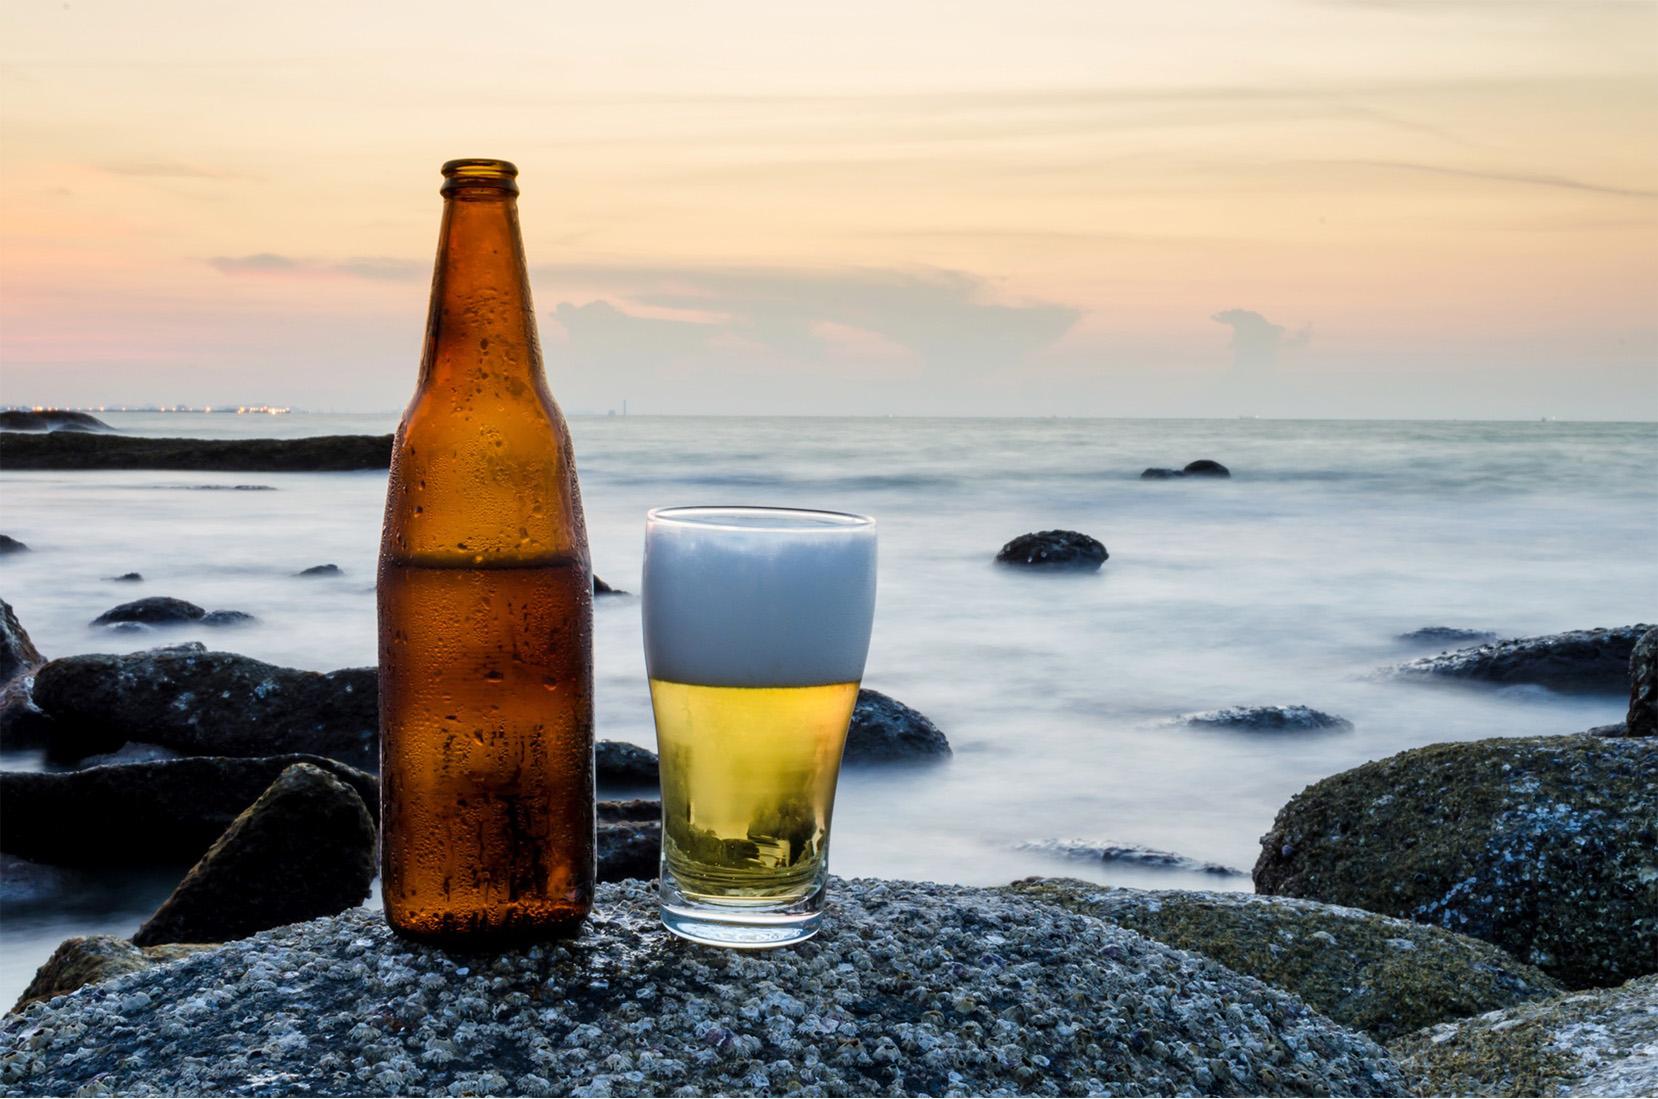 Bière fraîche prise face à la mer